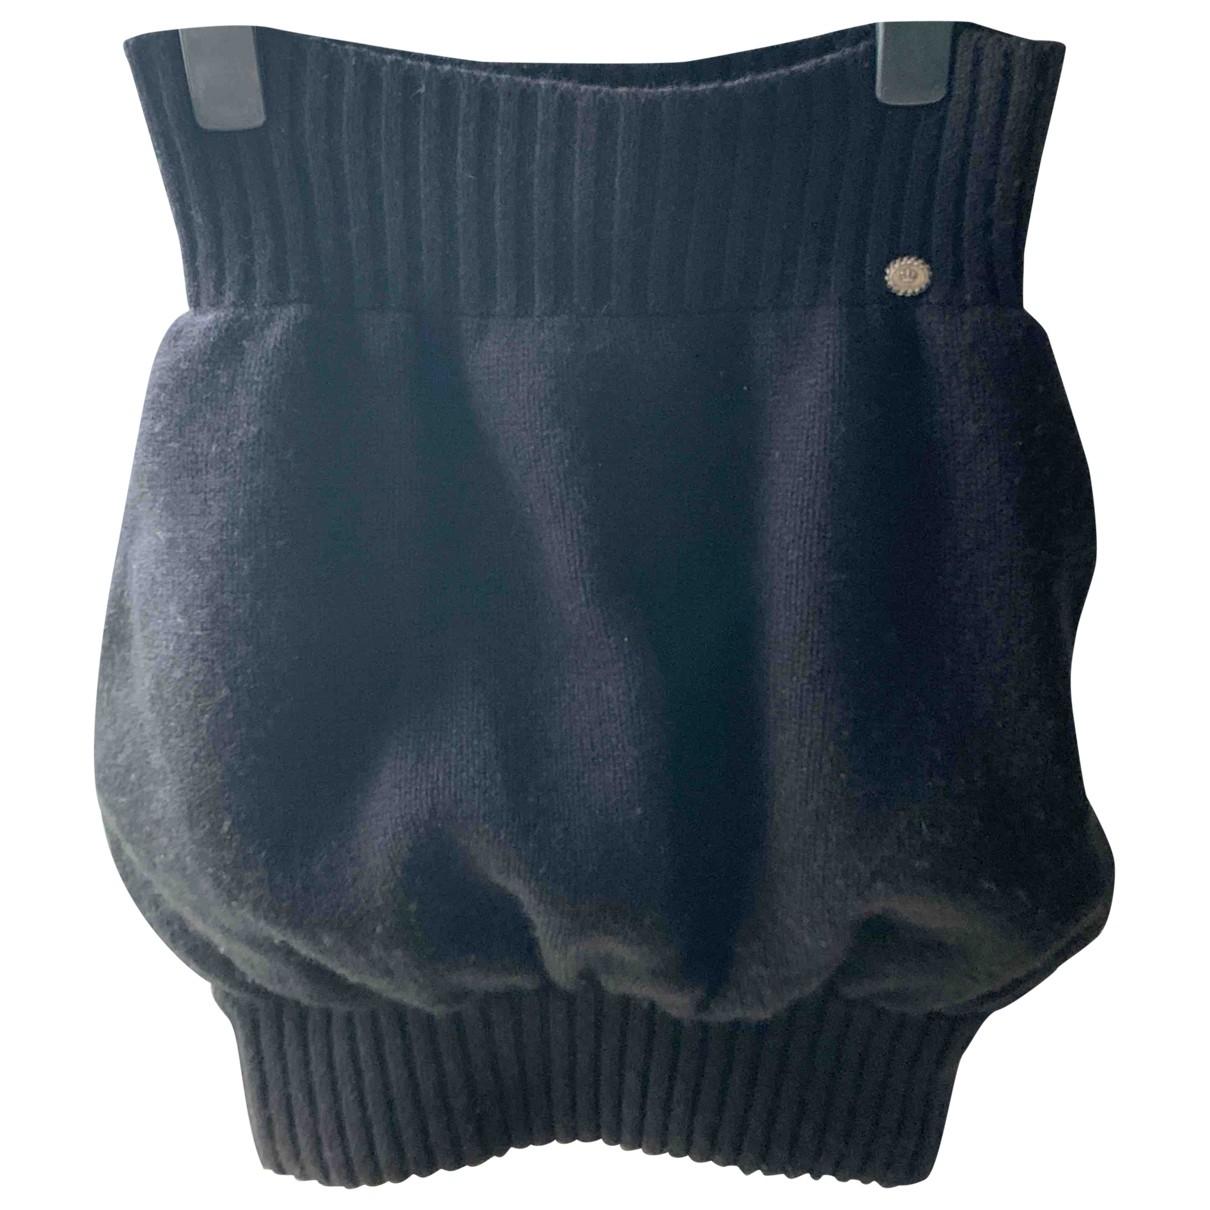 Chanel \N Black Cashmere skirt for Women 34 FR